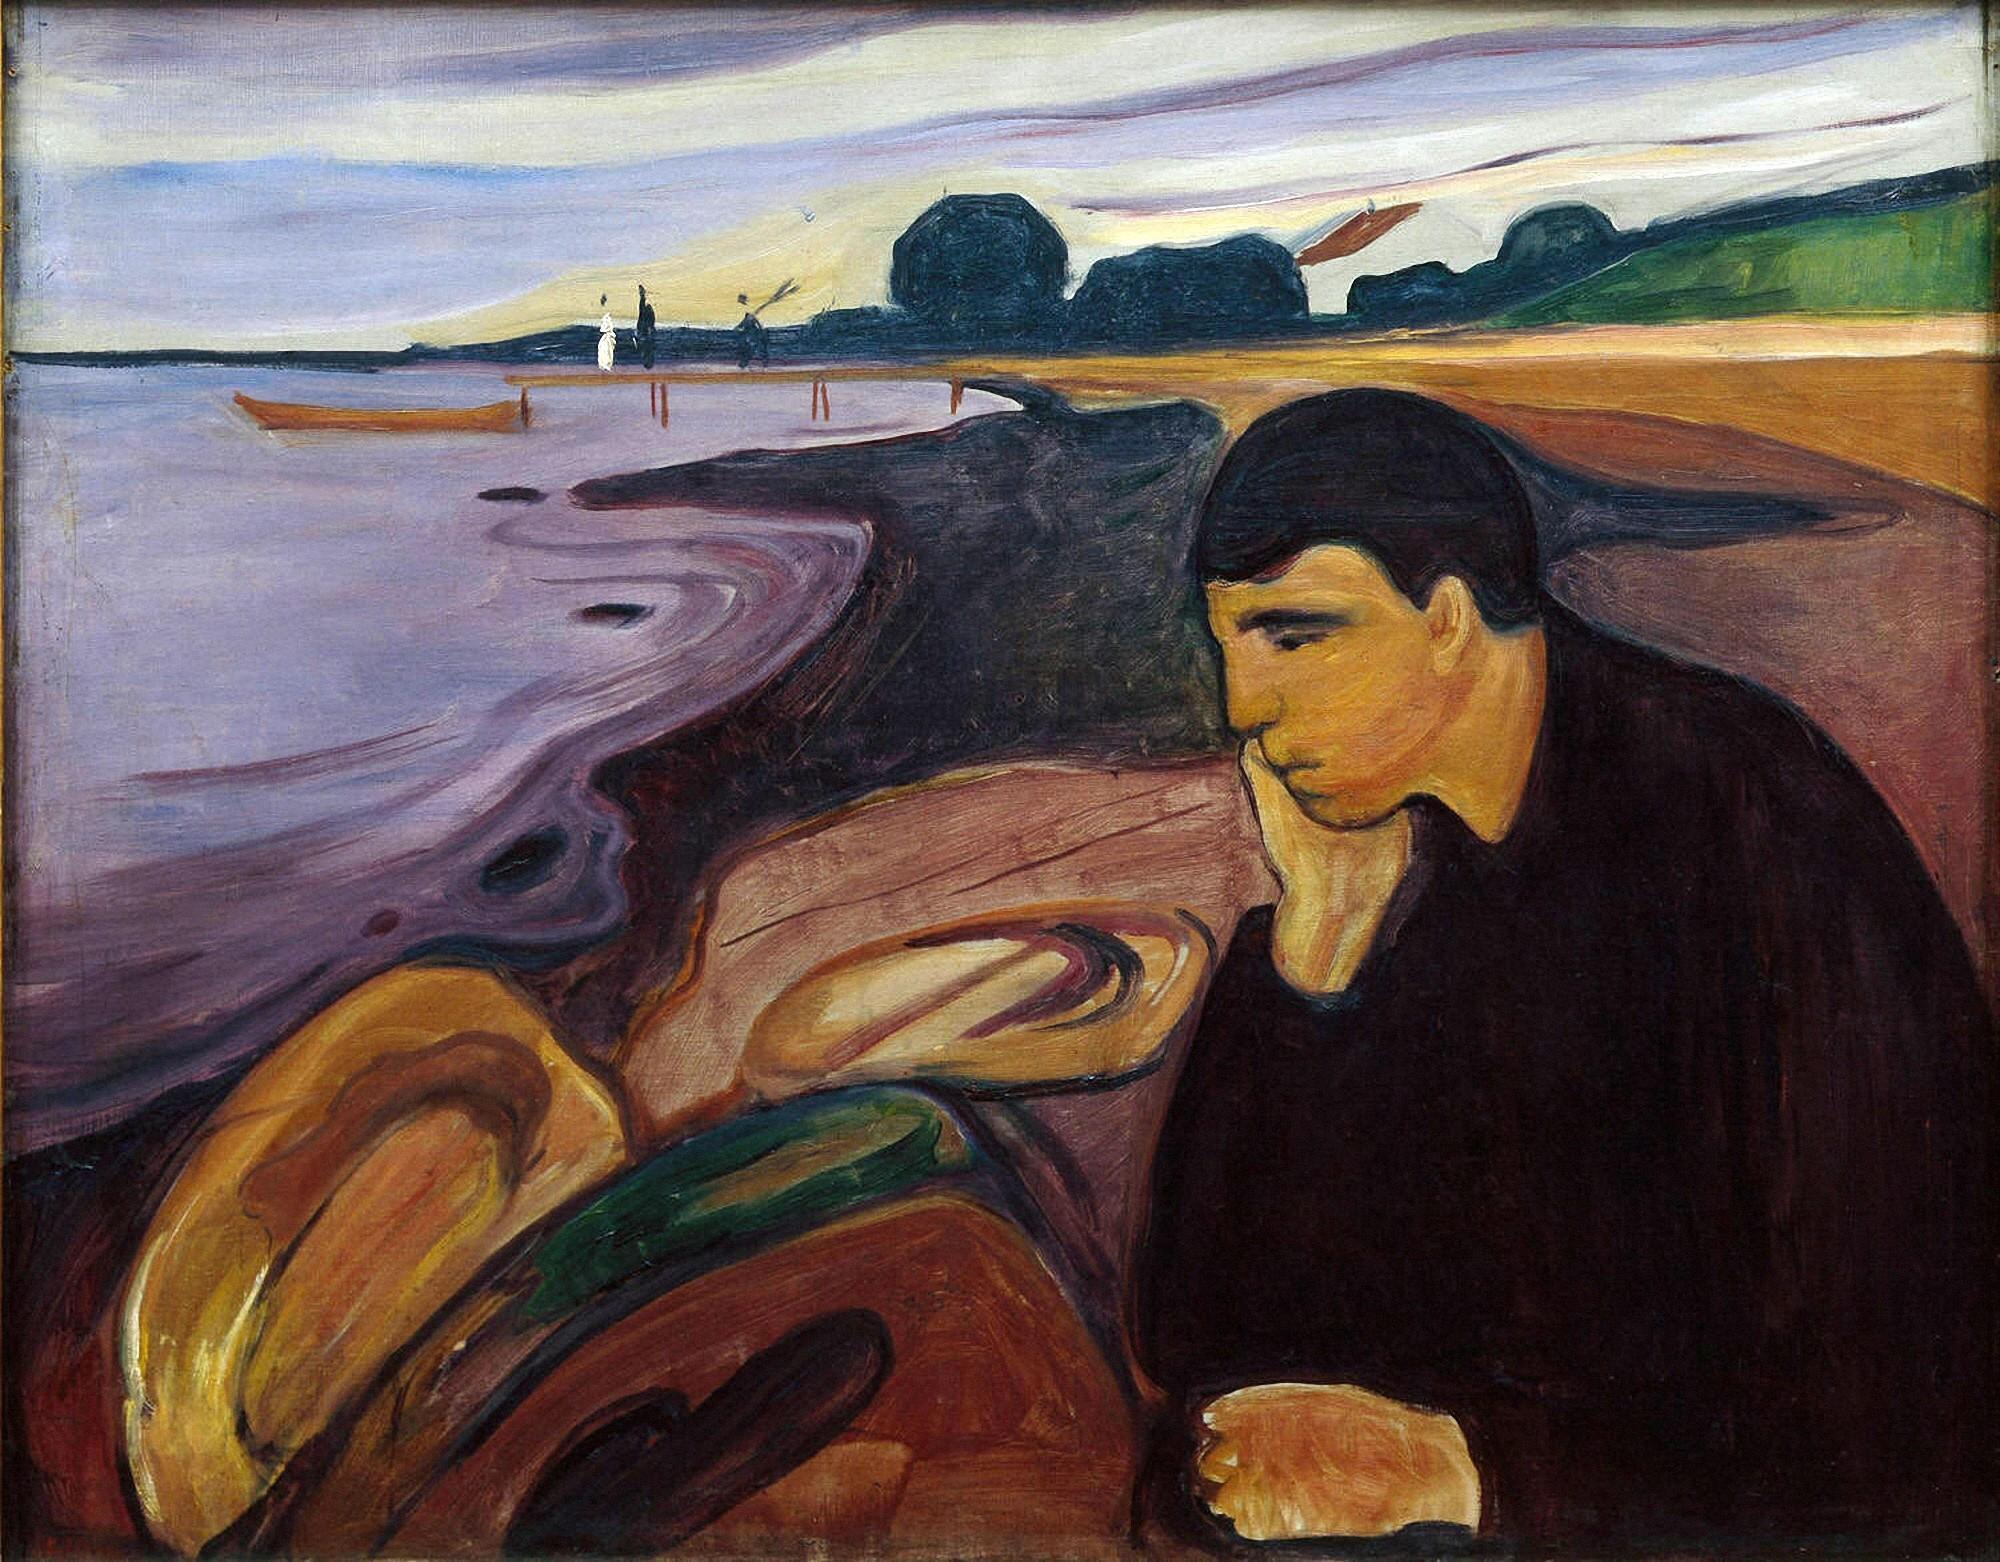 Edvard Munch, Melancholy, 1894-96